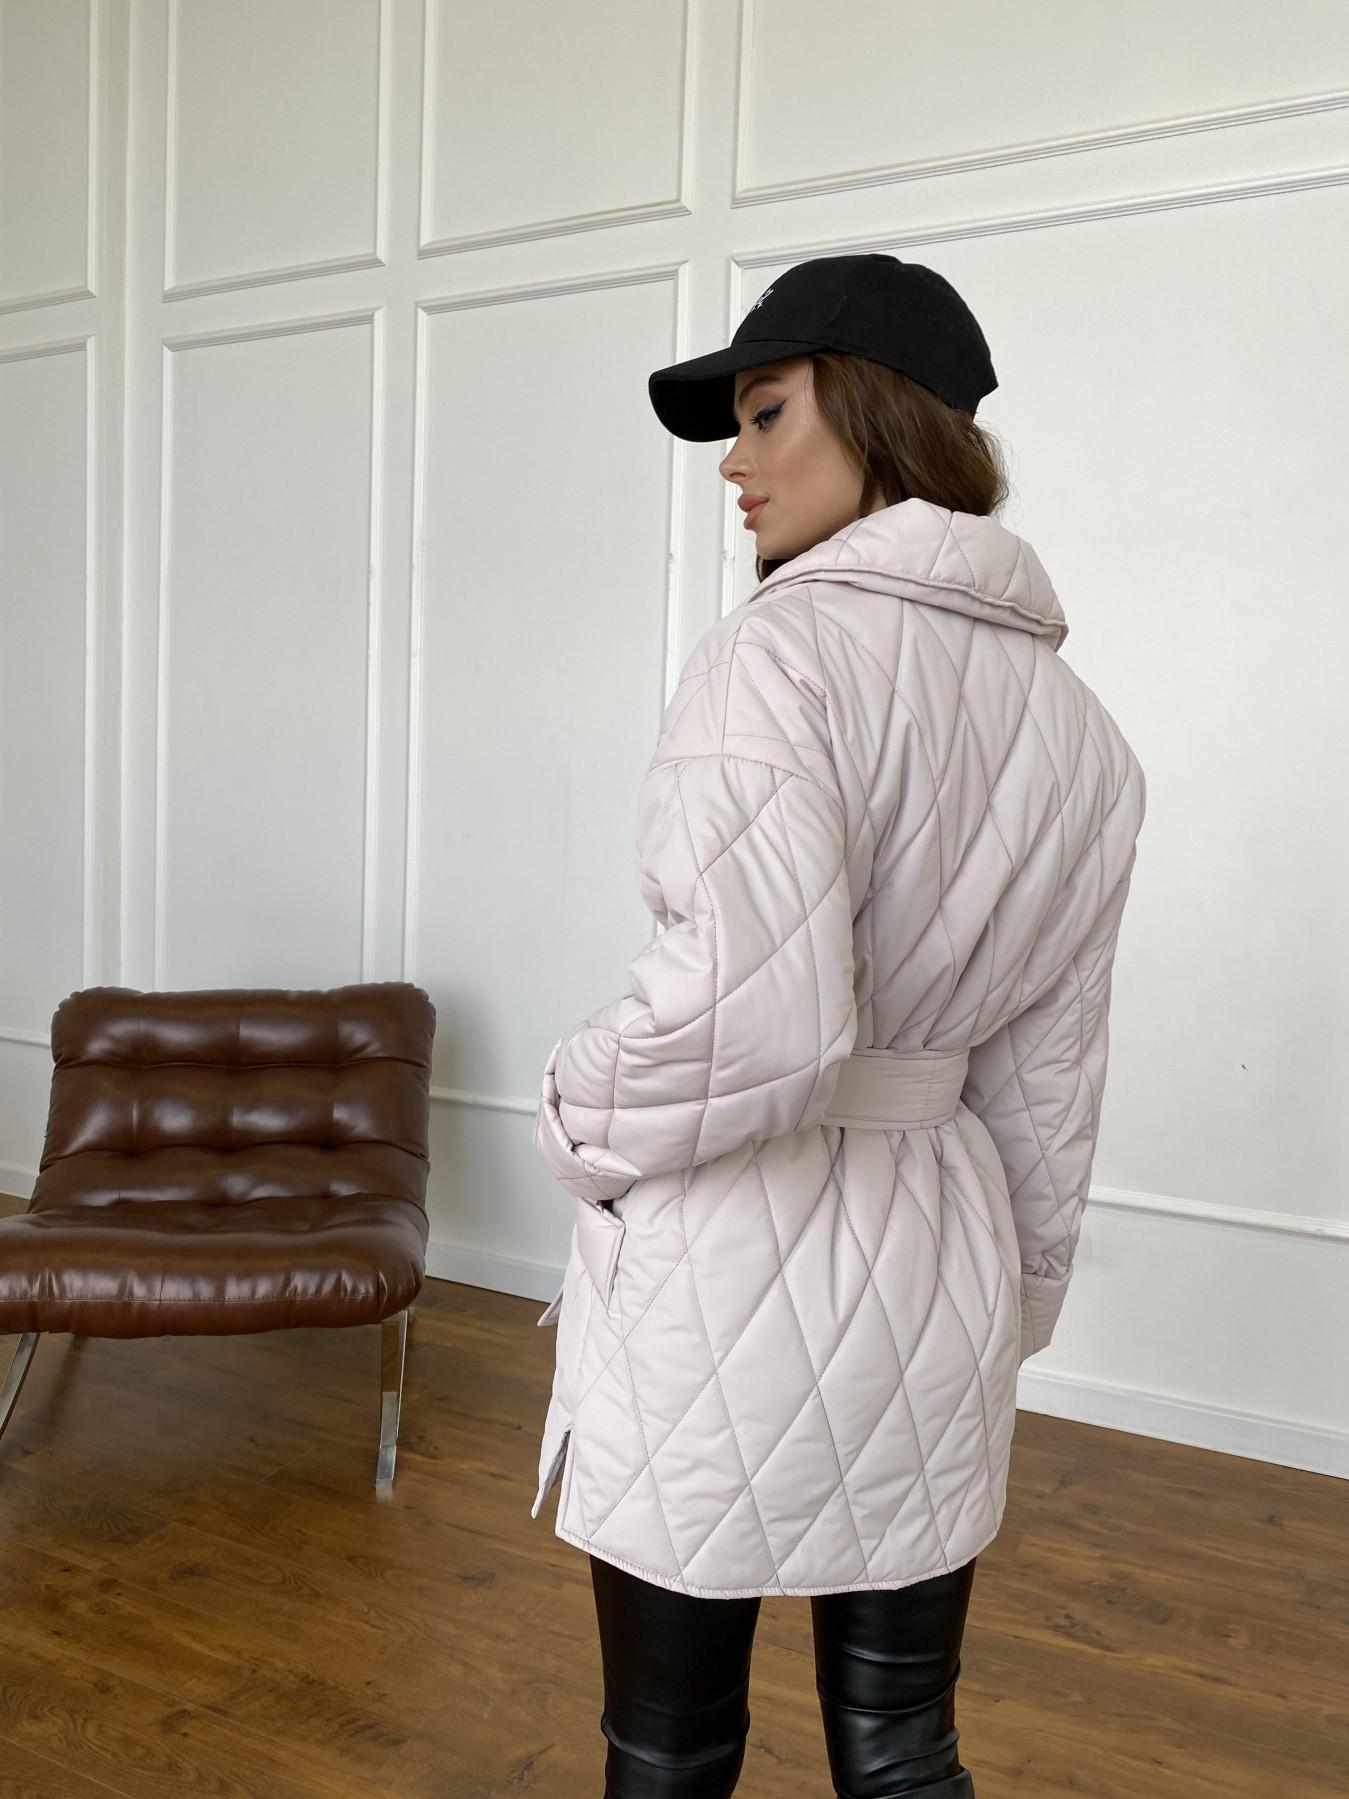 Норд куртка из плащевой ткани стеганая 10883 АРТ. 47551 Цвет: Бежевый 970 - фото 6, интернет магазин tm-modus.ru